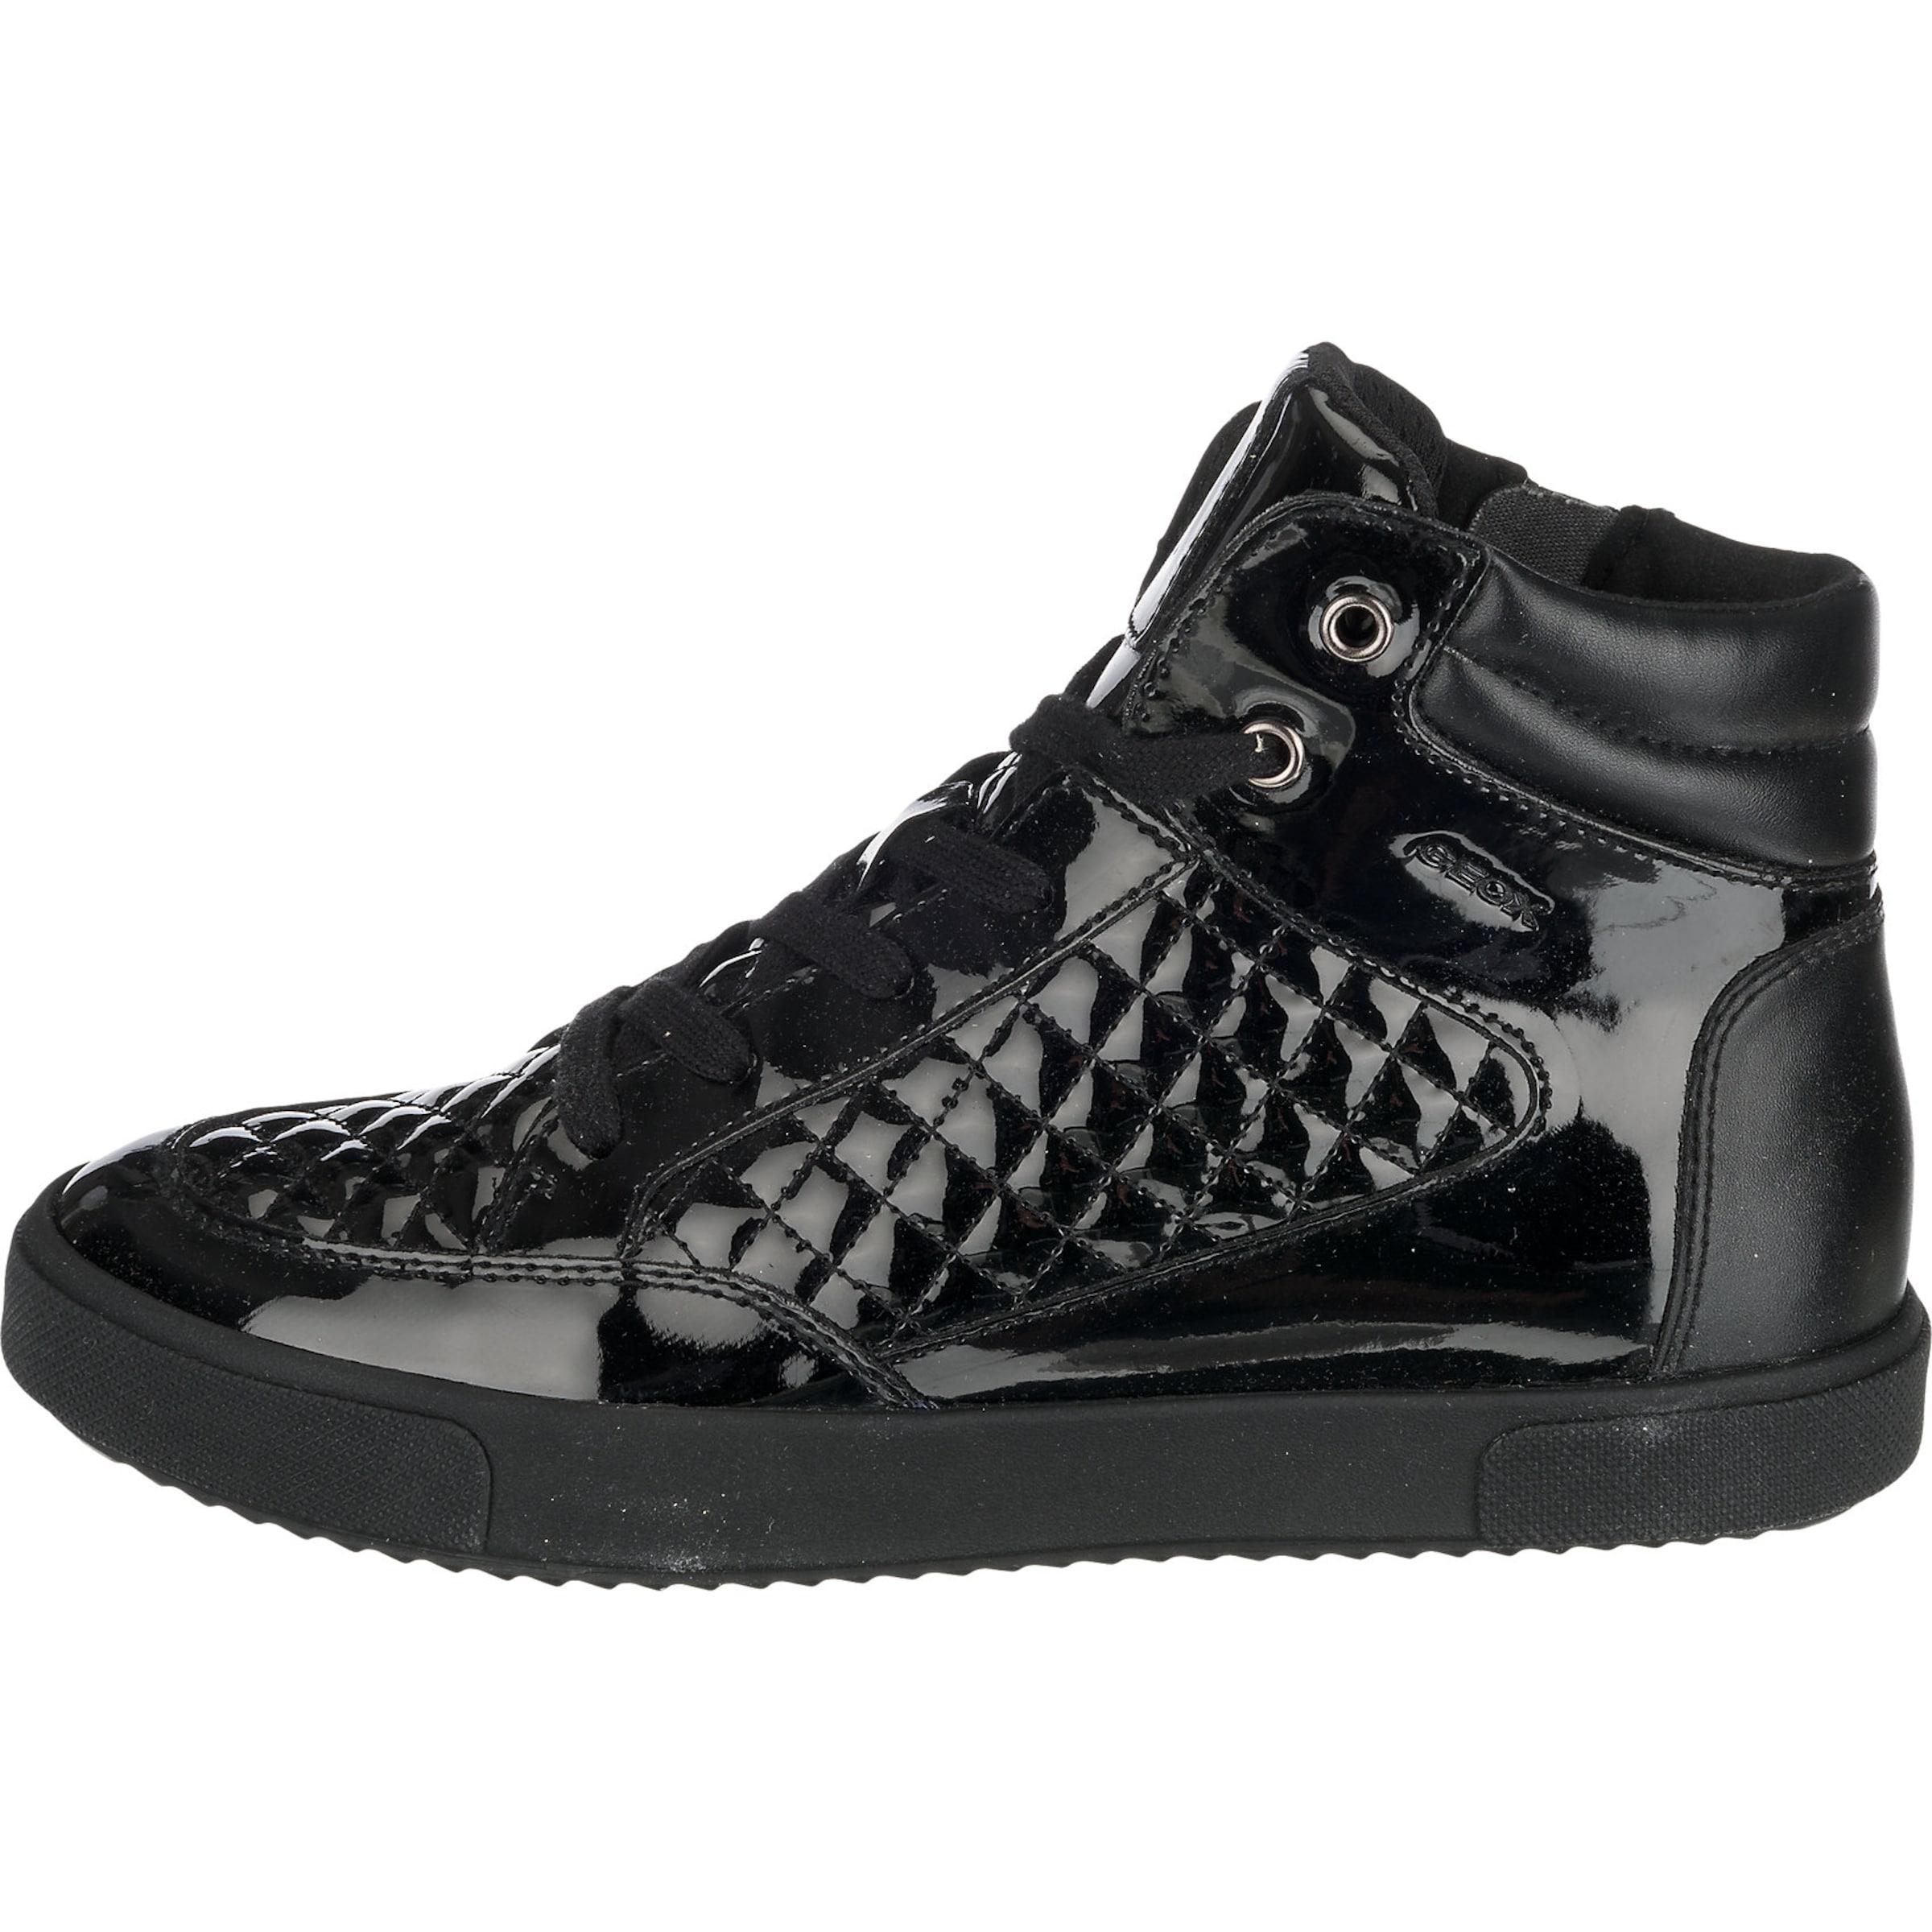 Günstige Kaufladen Steckdose Mit Paypal Um GEOX Blomiee Sneakers qYMiJqJ